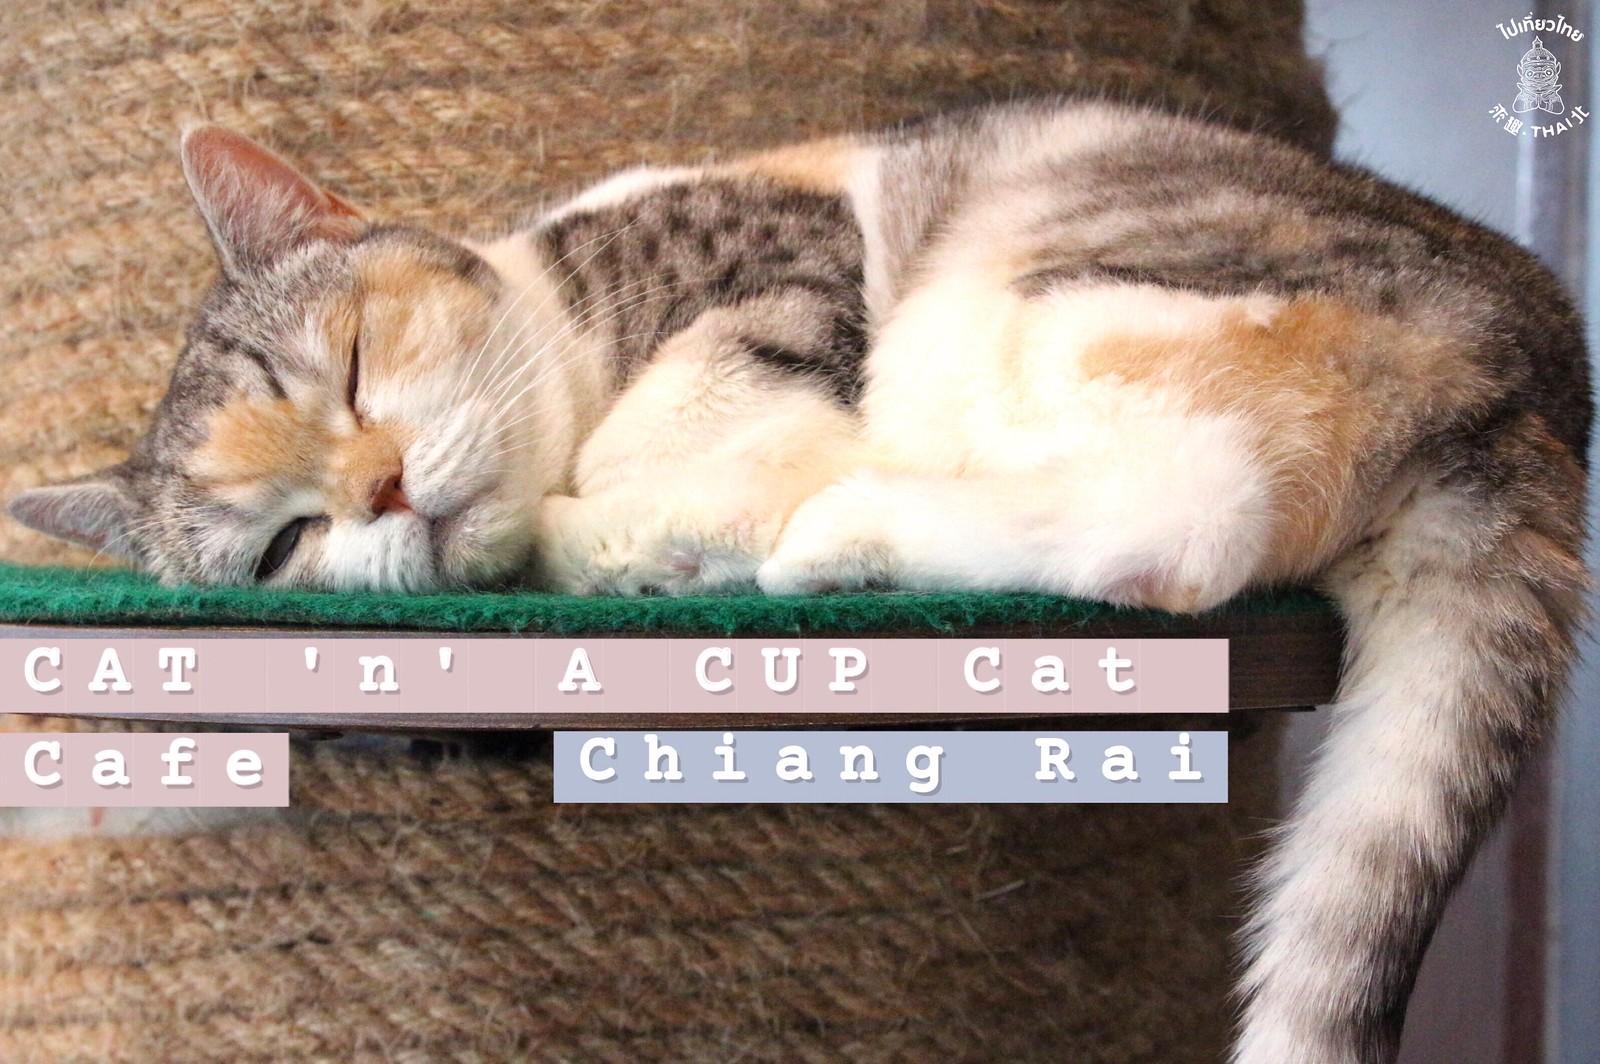 最可愛的貓貓咖啡廳《CAT 'n' A CUP Cat Cafe》